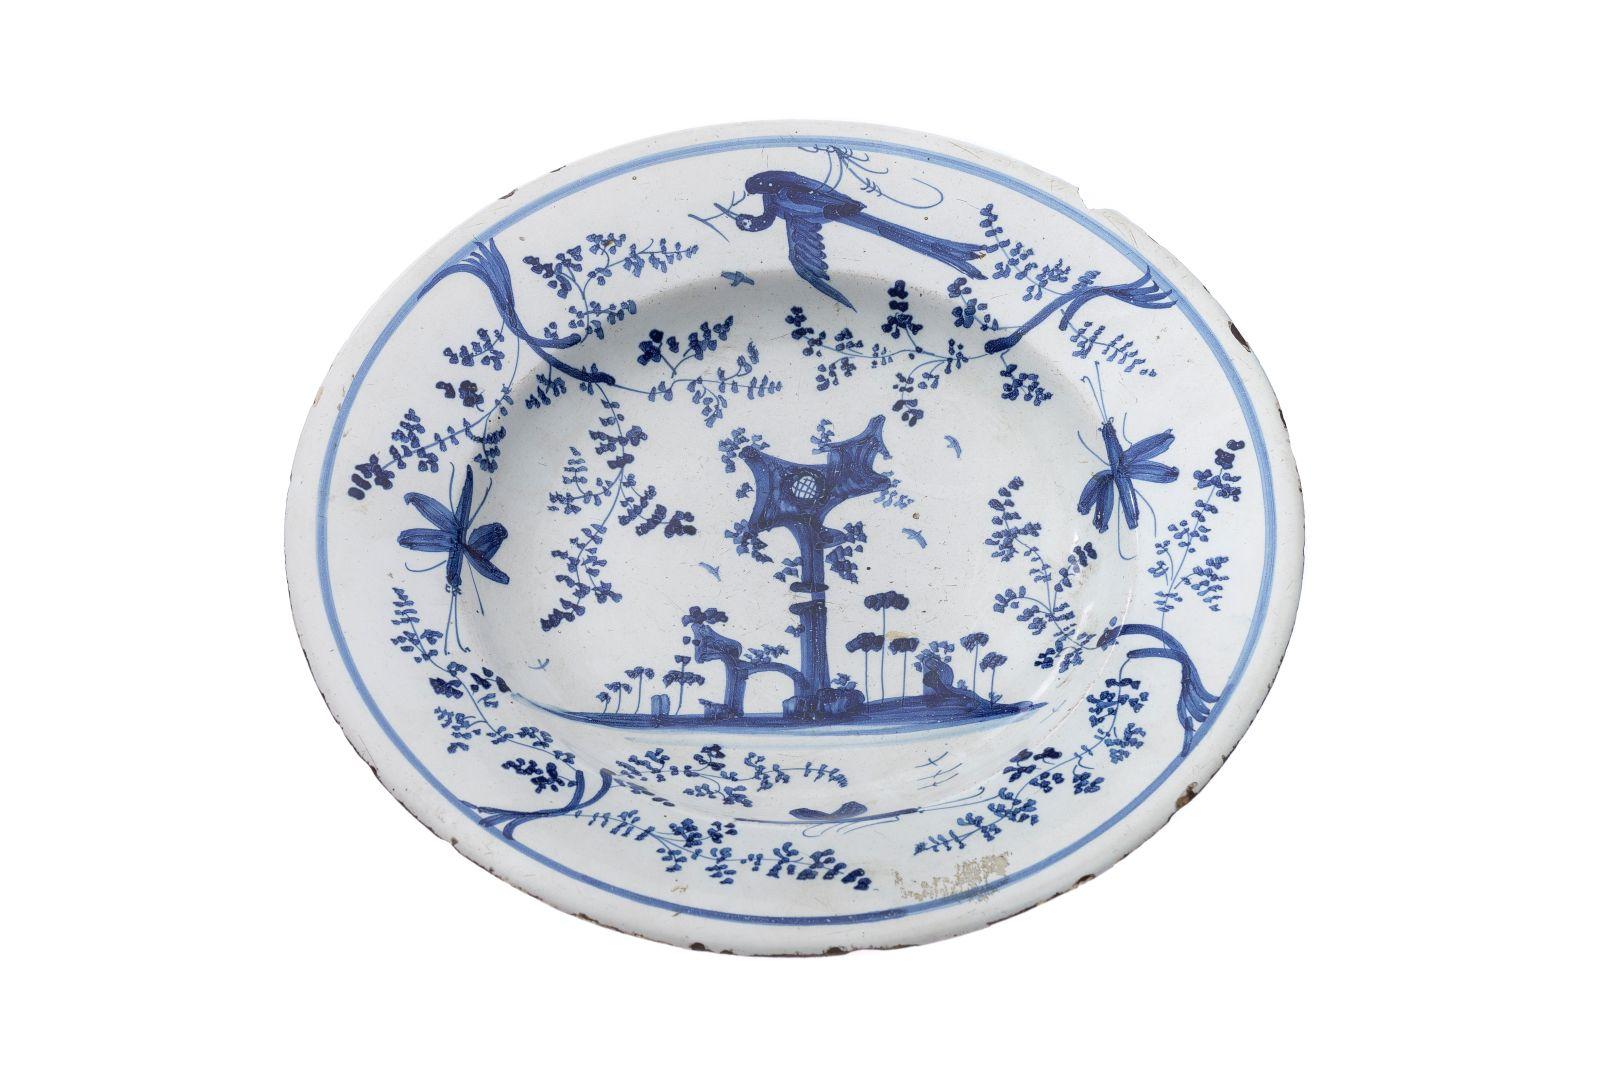 #24 Sawankhalok plate | Sawankhalok Teller Image